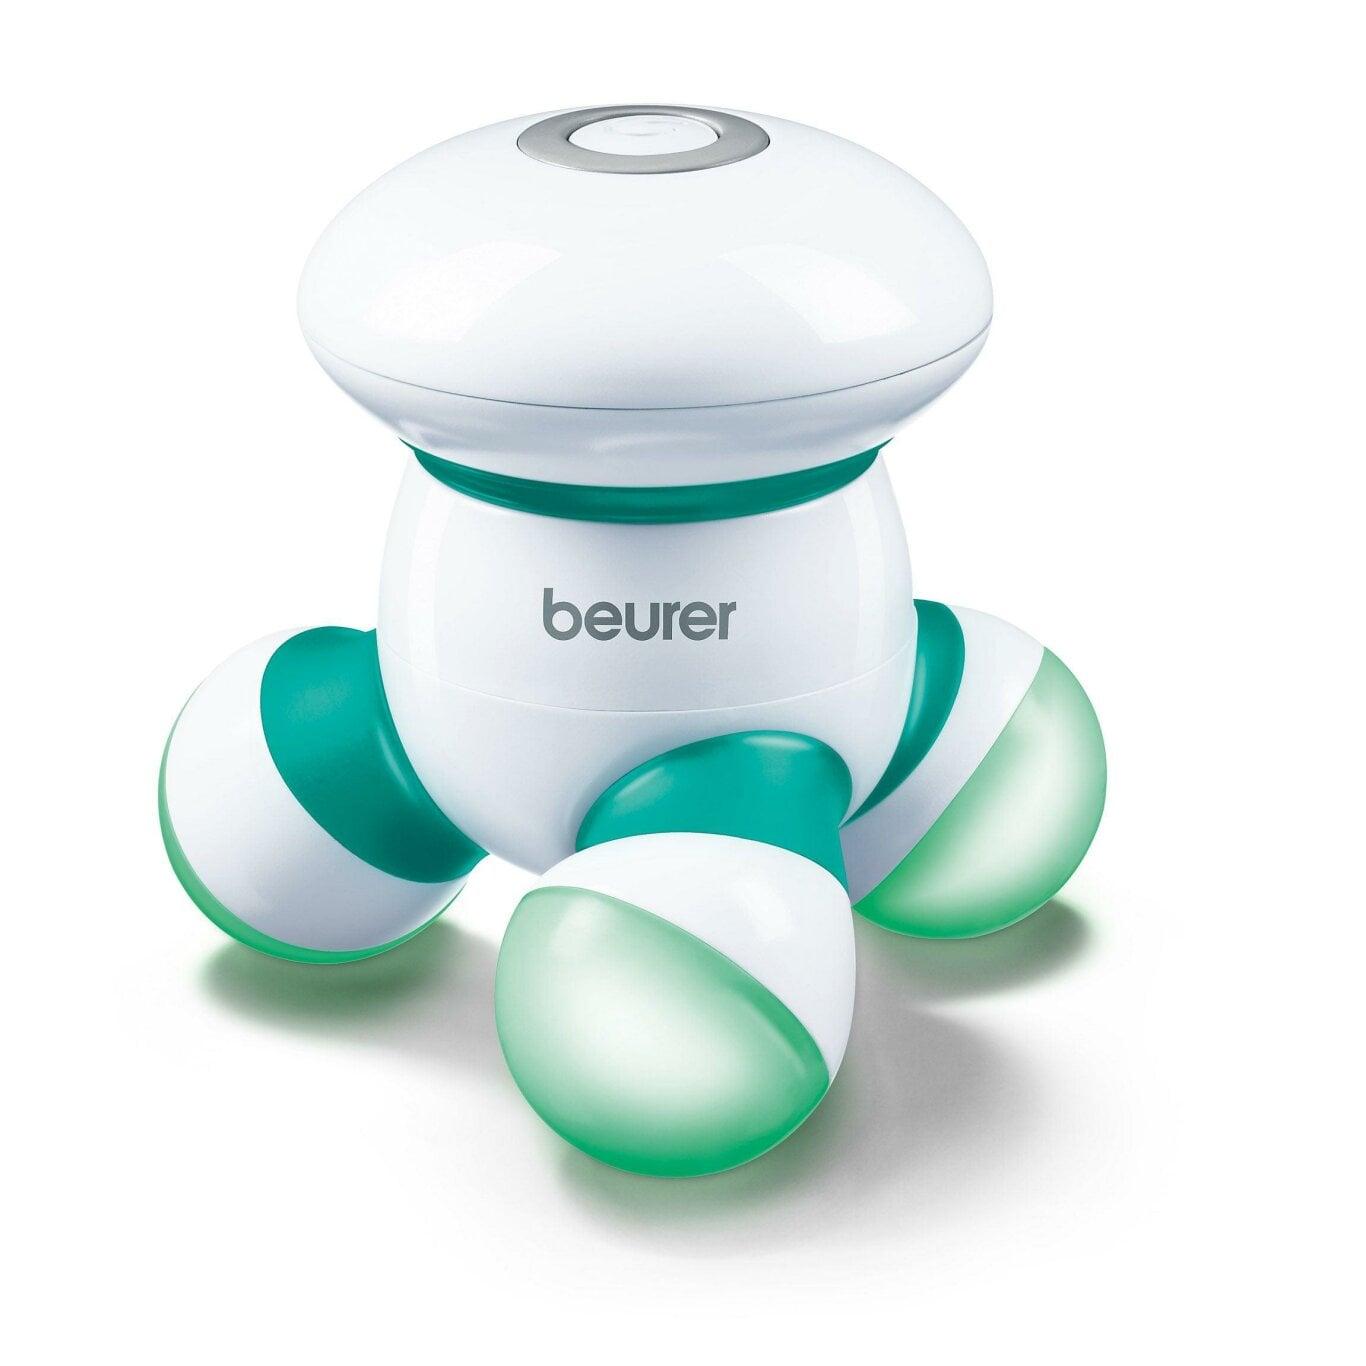 Beurer Mini-Massagegerät - MG 16 grün